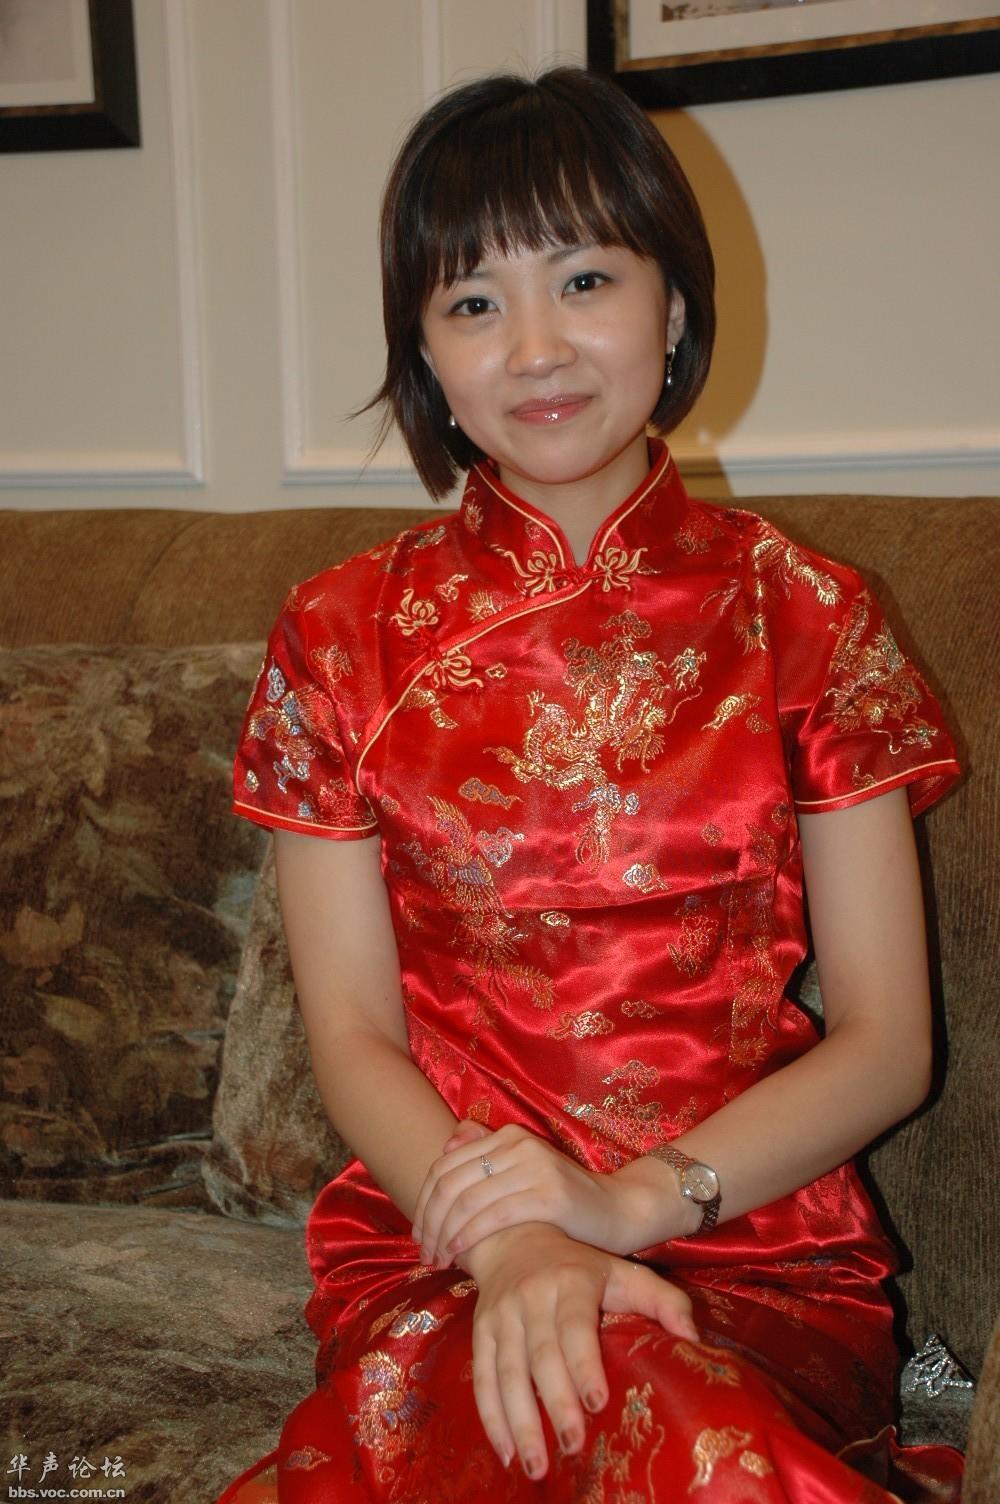 穿红旗袍的女人 - 春色满园 - 春色满园